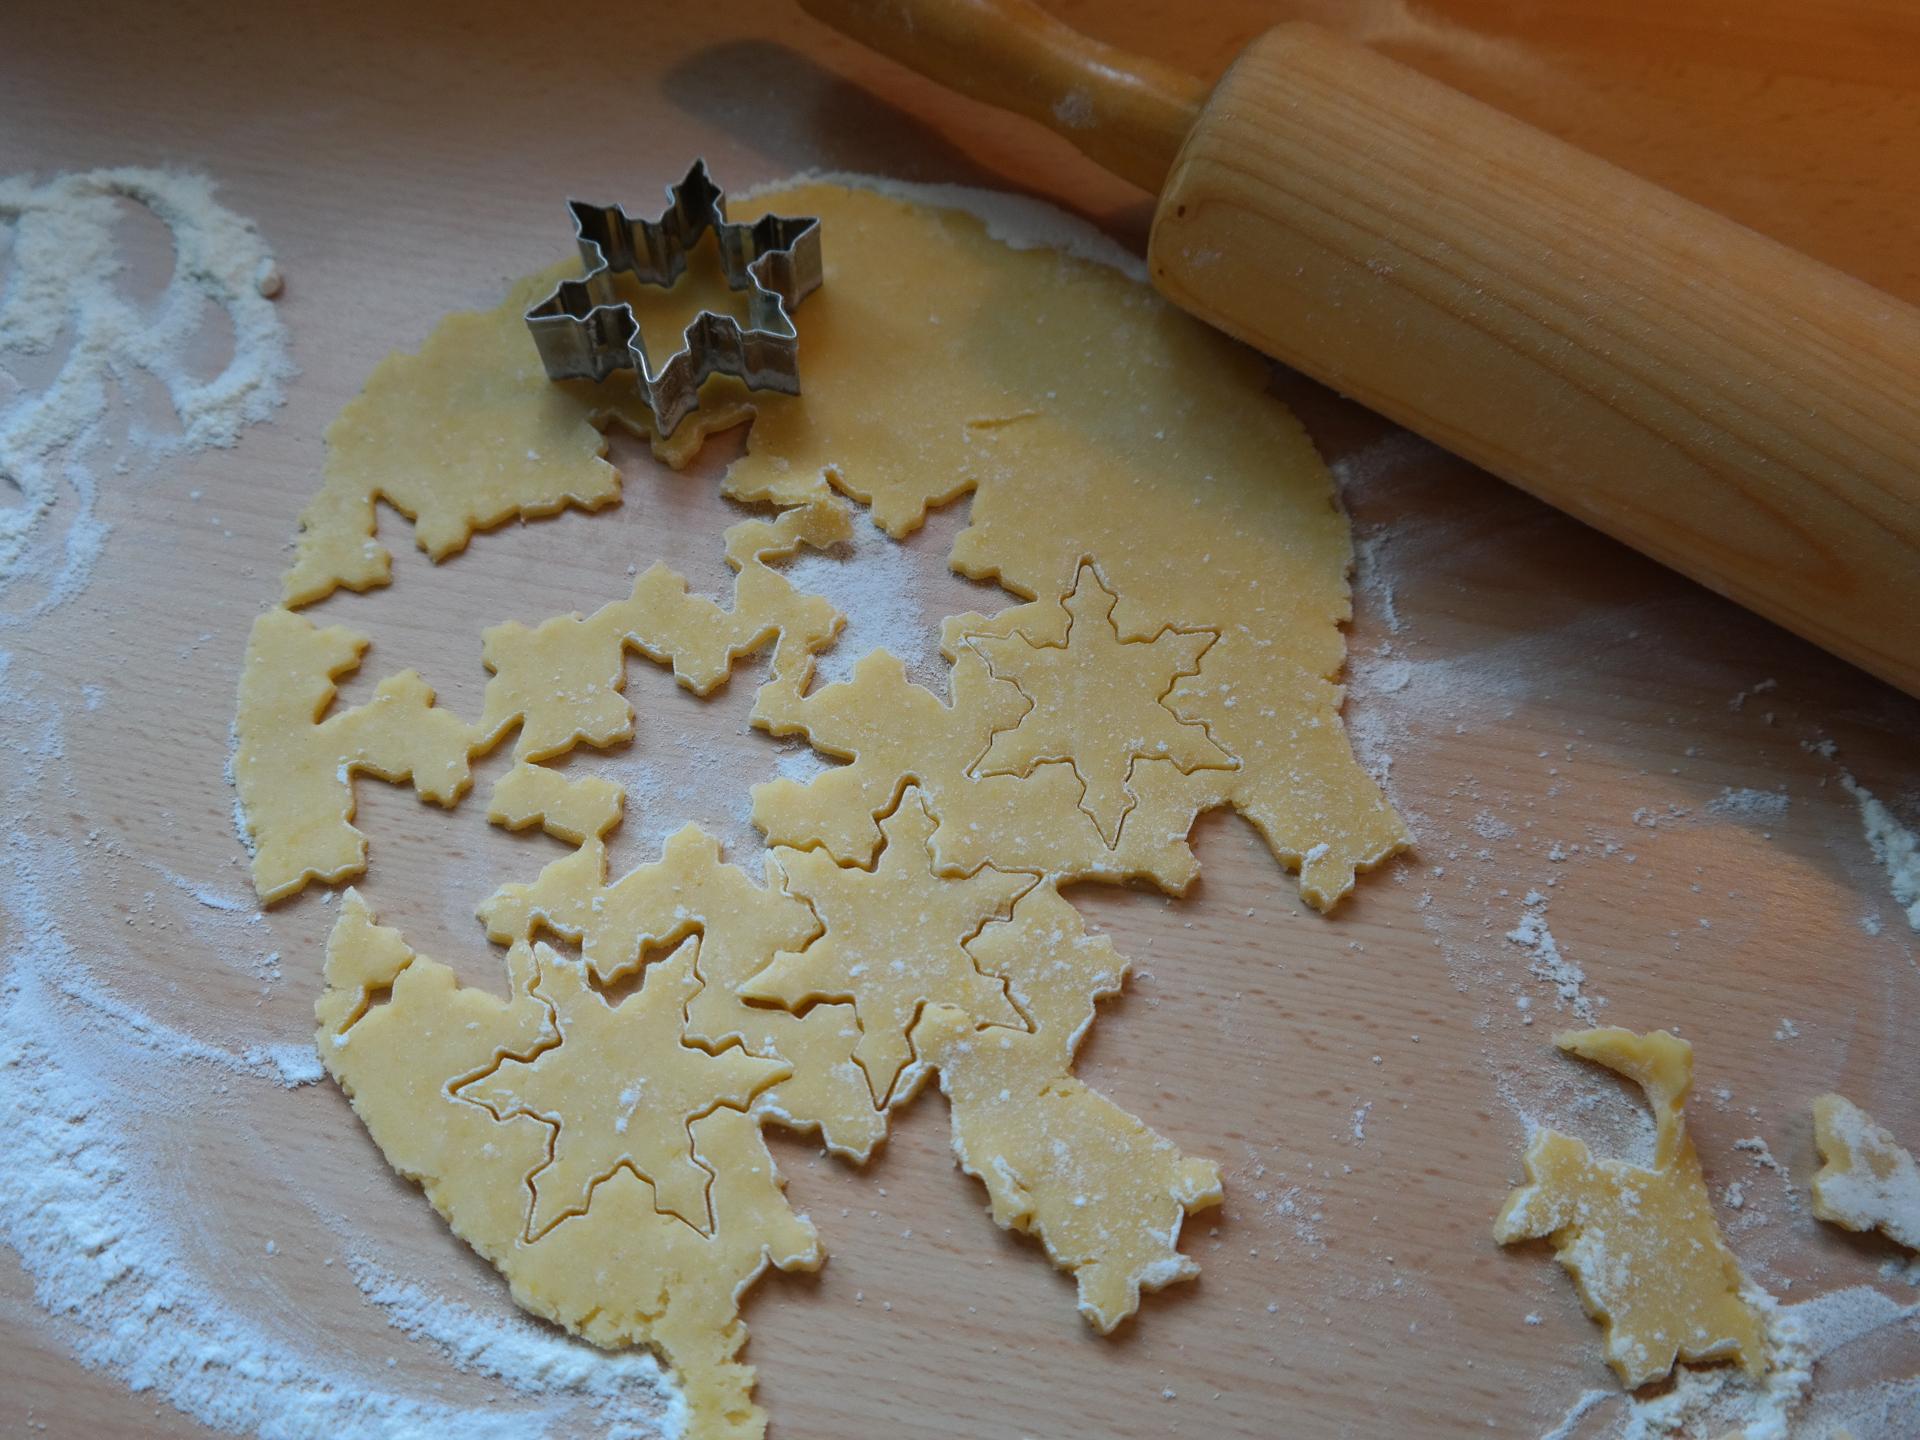 Gemeinsam kekse backen ist für viele ein integraler Bestandteil des Weihnachtsfestes. - Photocredit: pixabay.com/Hans